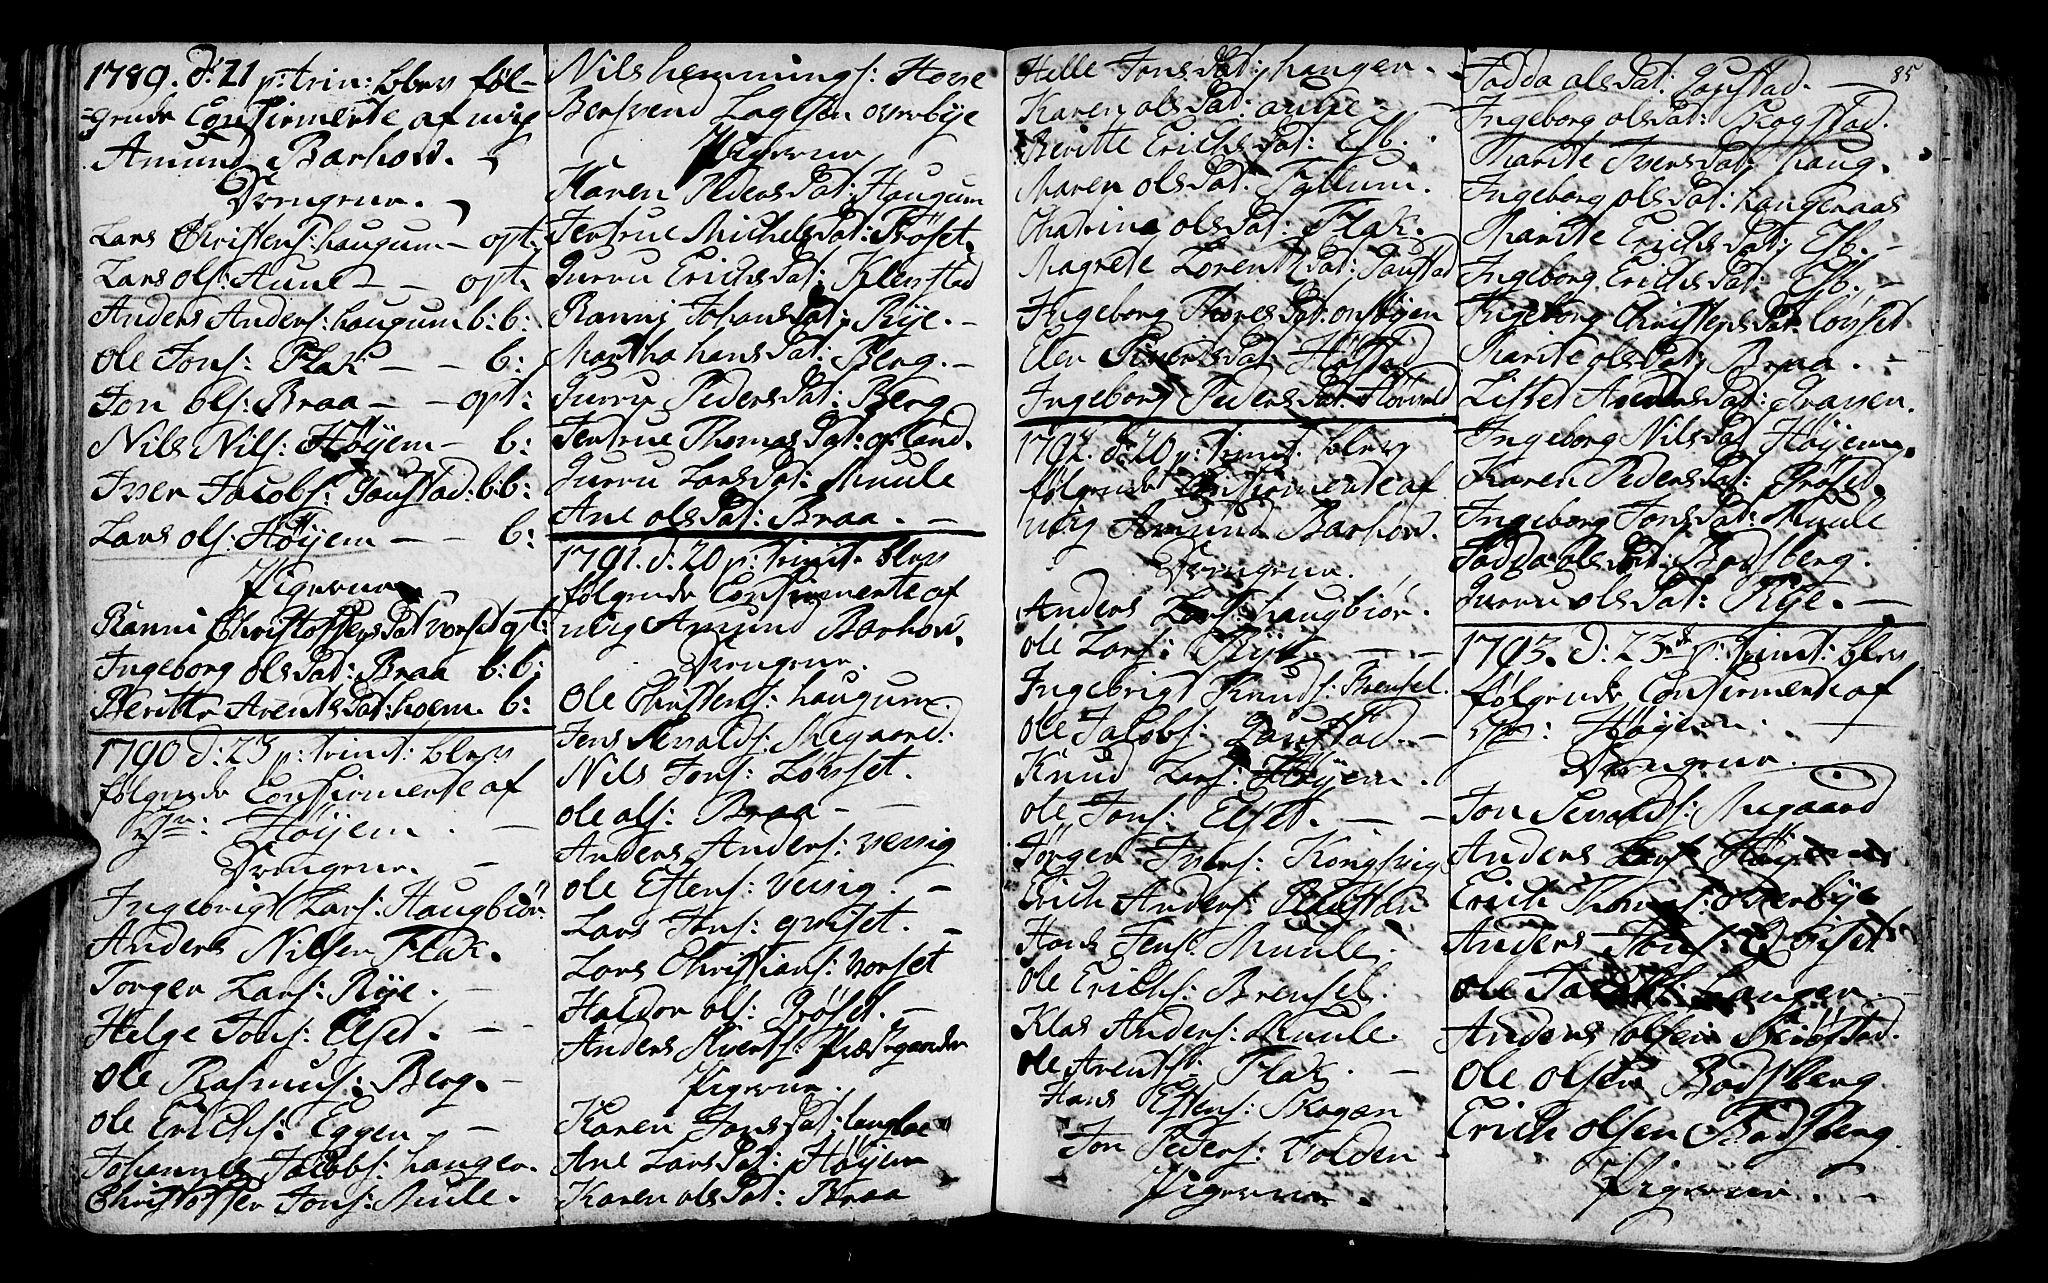 SAT, Ministerialprotokoller, klokkerbøker og fødselsregistre - Sør-Trøndelag, 612/L0370: Ministerialbok nr. 612A04, 1754-1802, s. 85